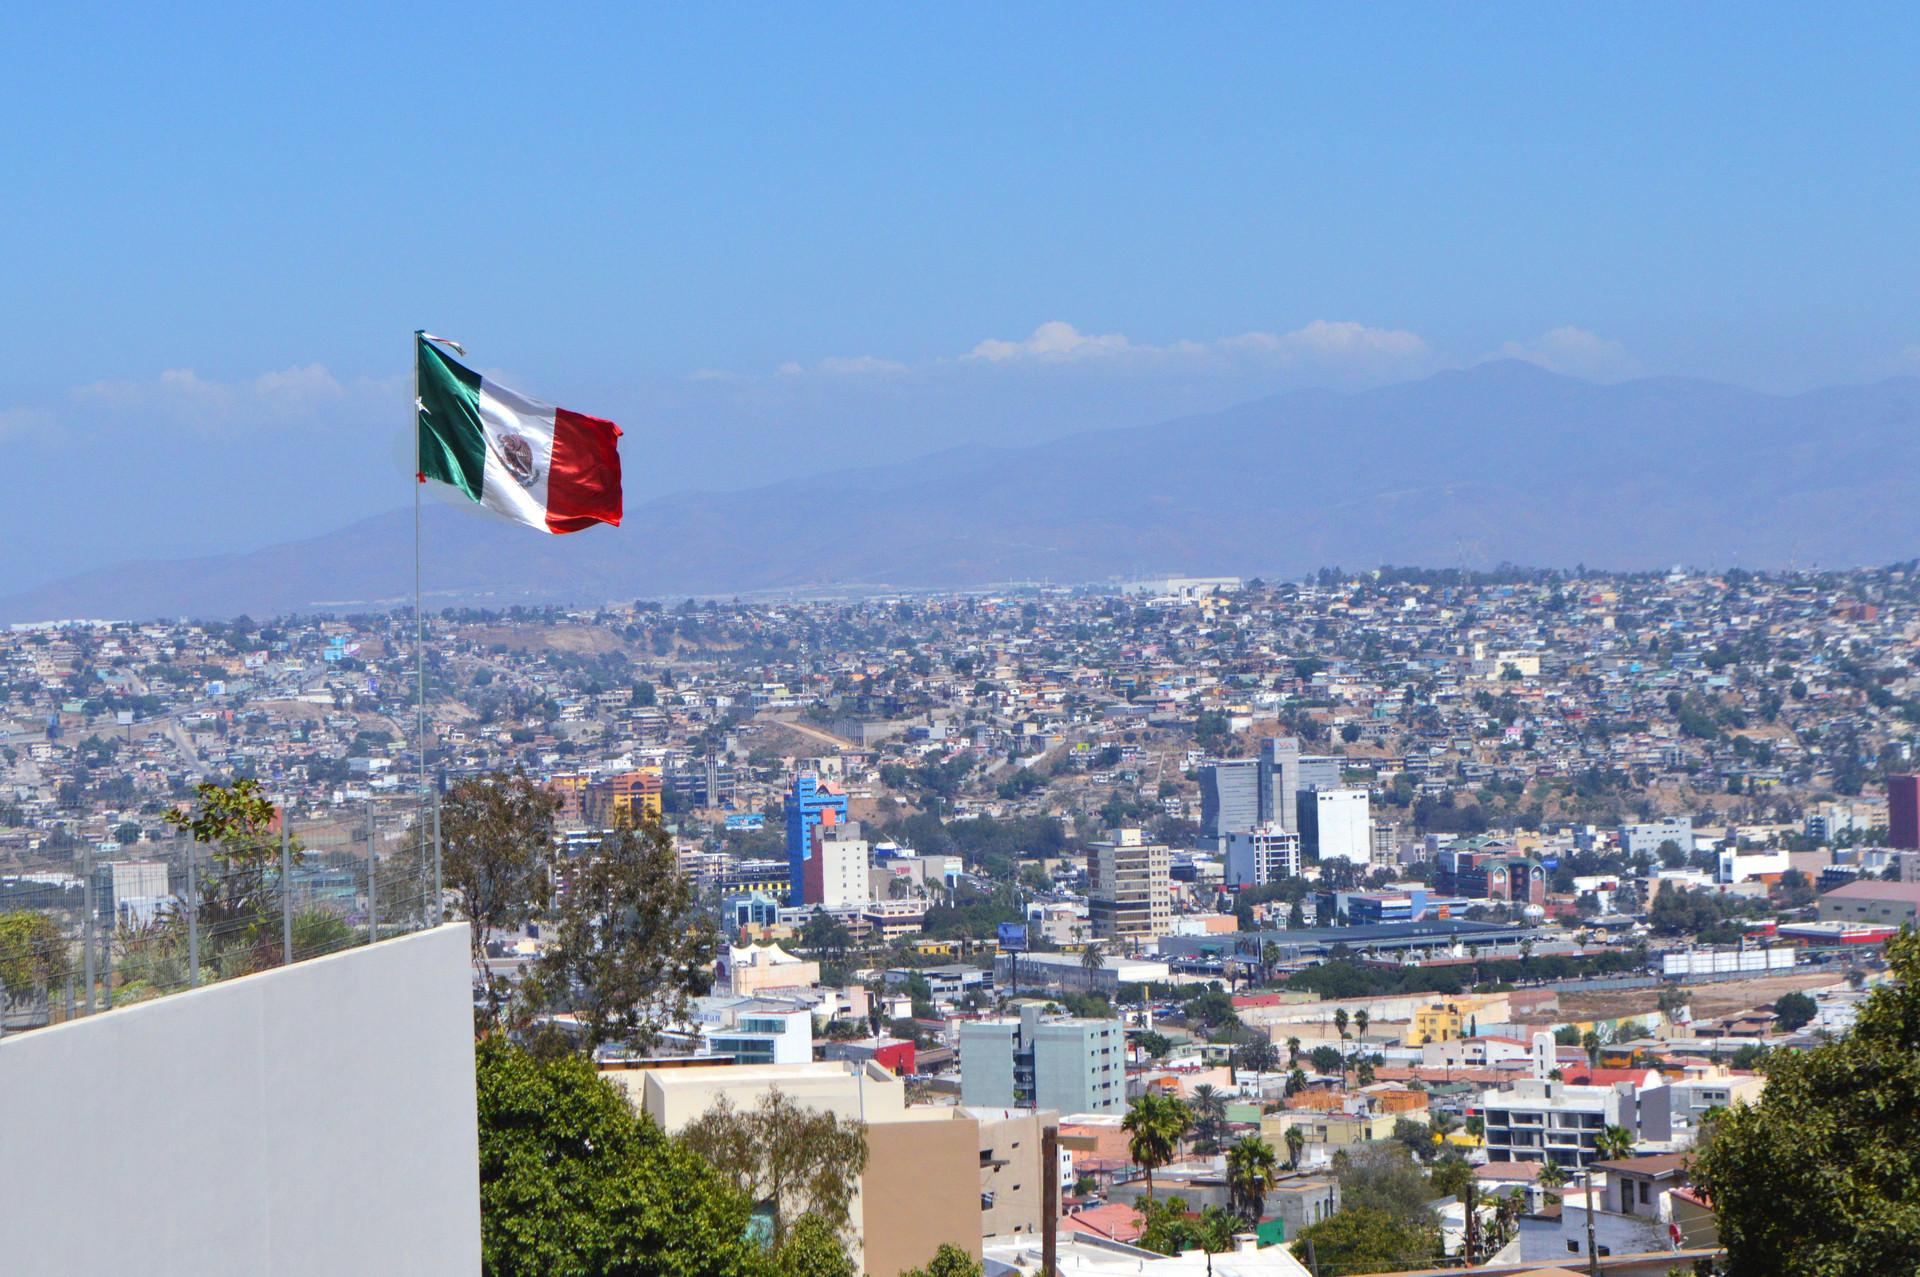 闪电加征闪电延期,特朗普的关税武器在墨西哥身上得逞   _中欧新闻_欧洲中文网